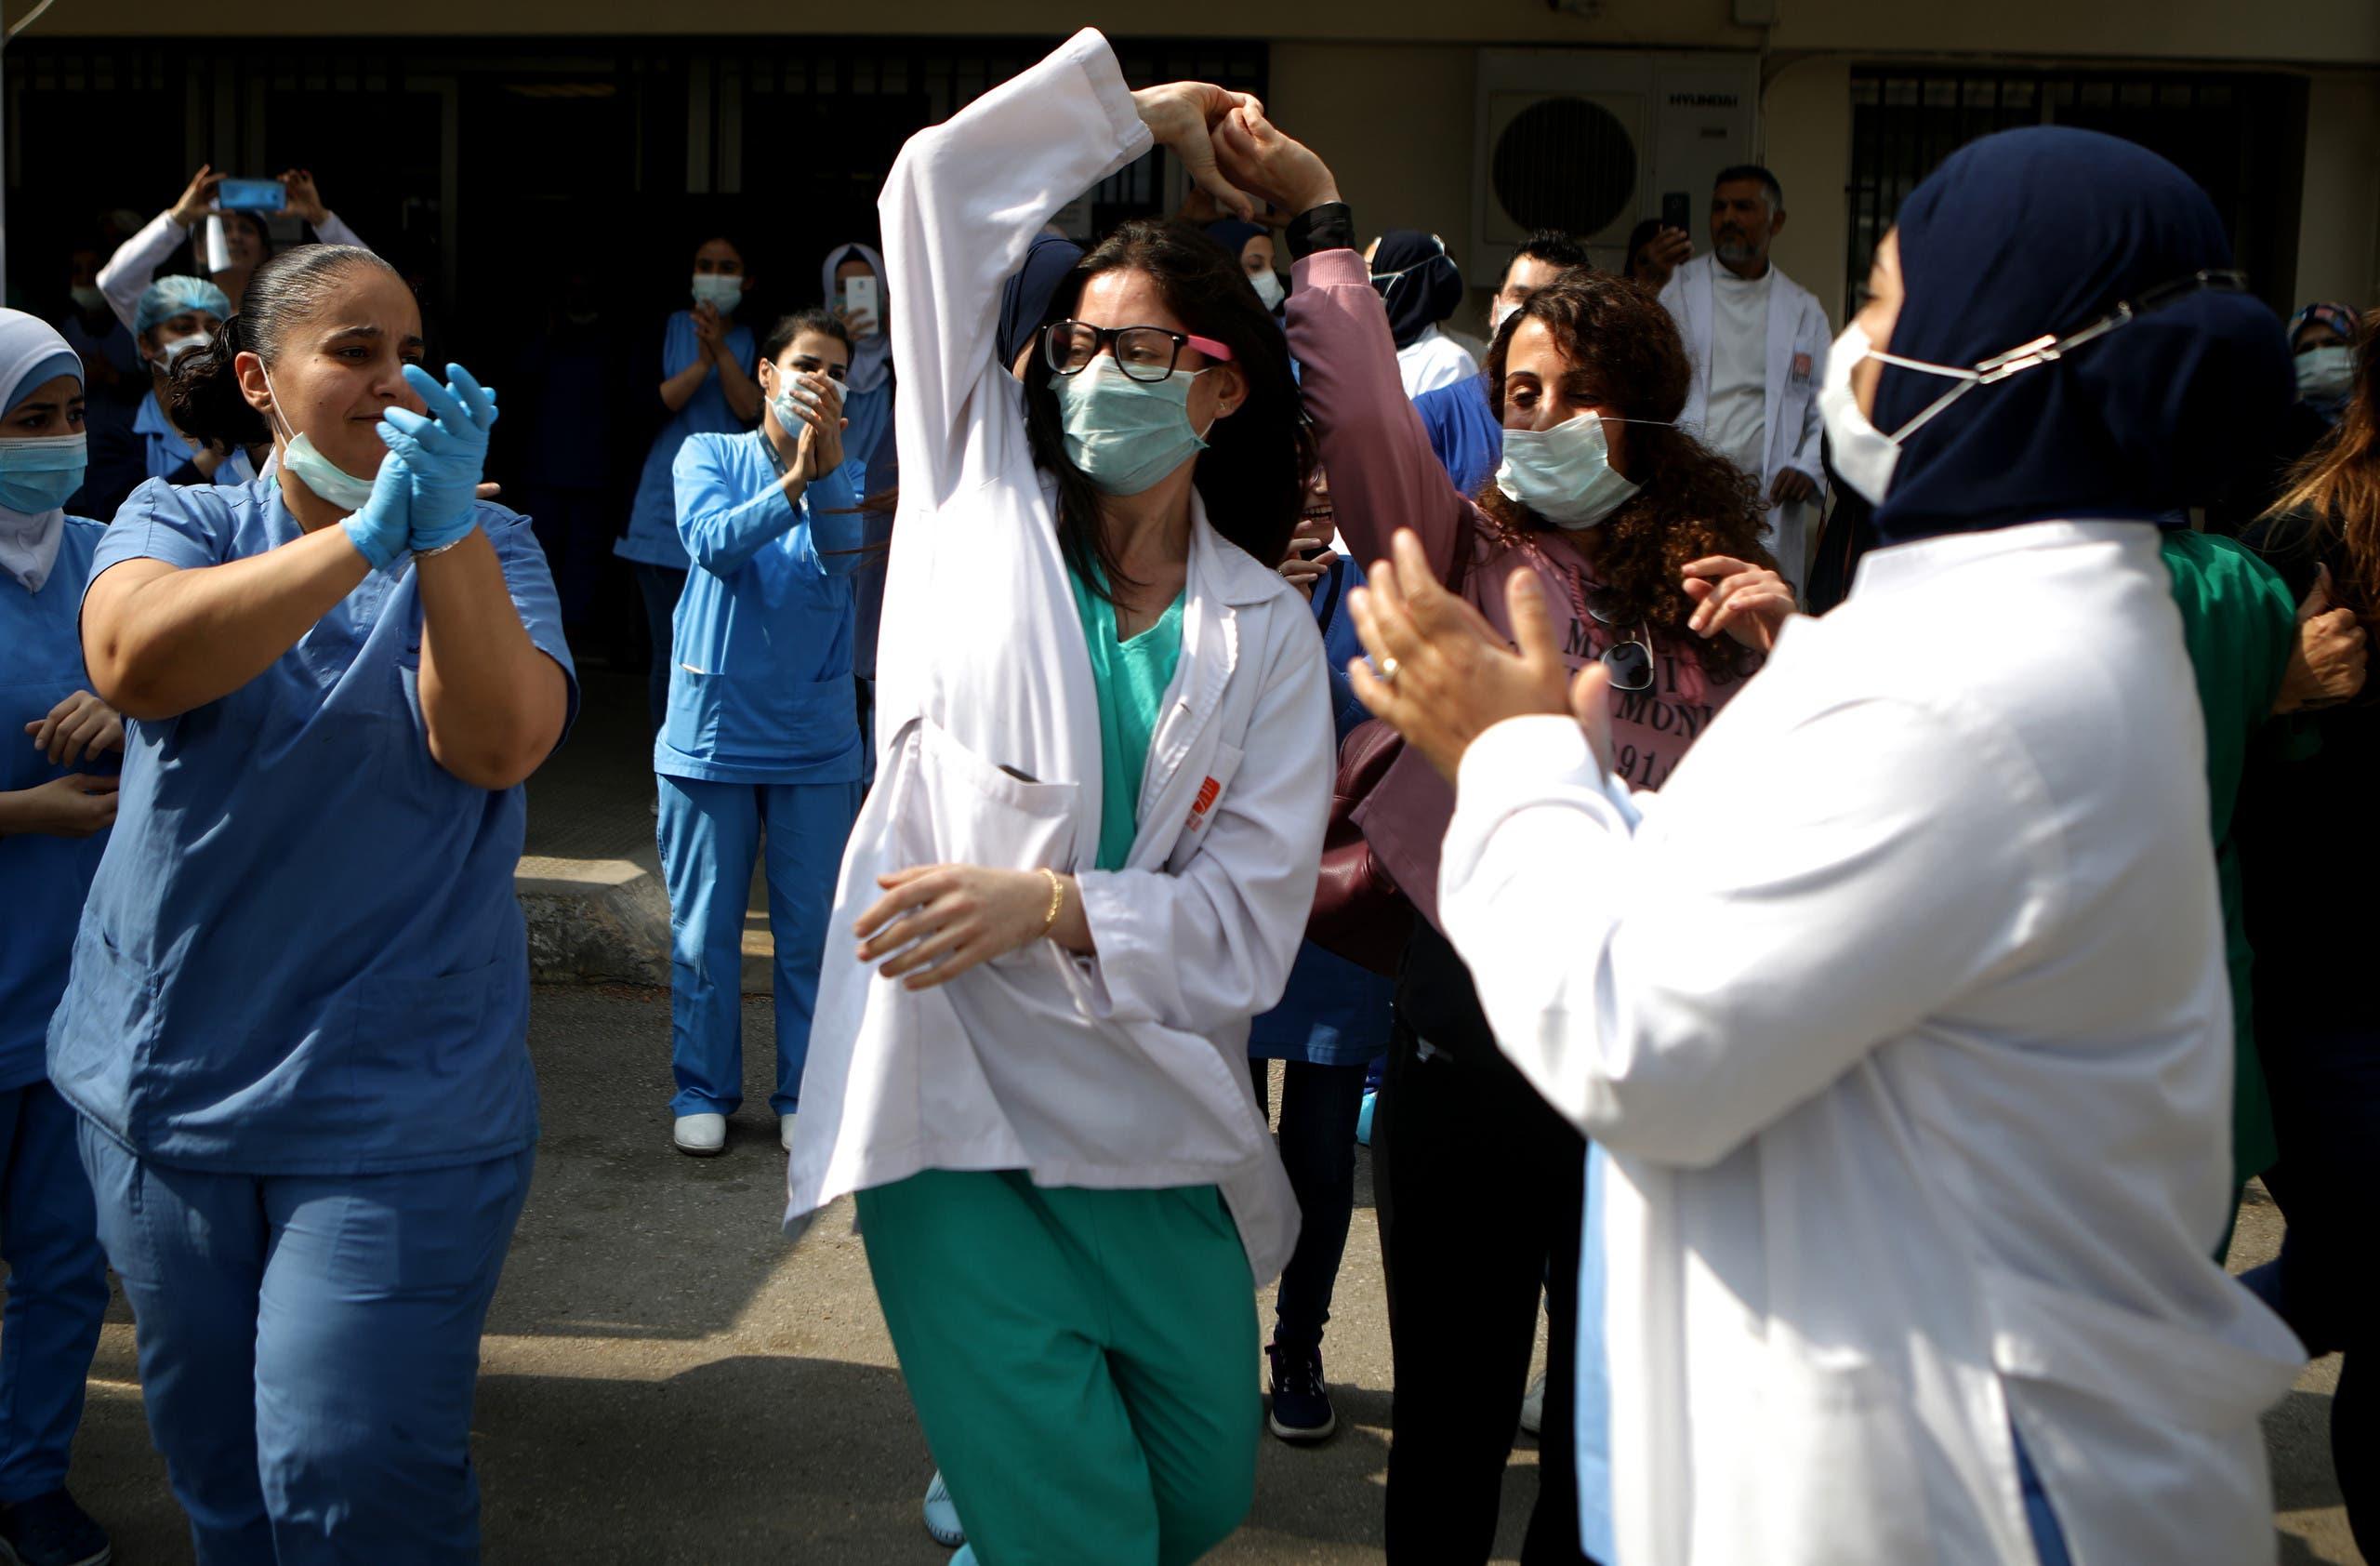 ممرضات في مستشفى بطرابلس في لبنان يرقصن خلال حفل أقيم في باحة المنشأة لشكر العمال الصحيين